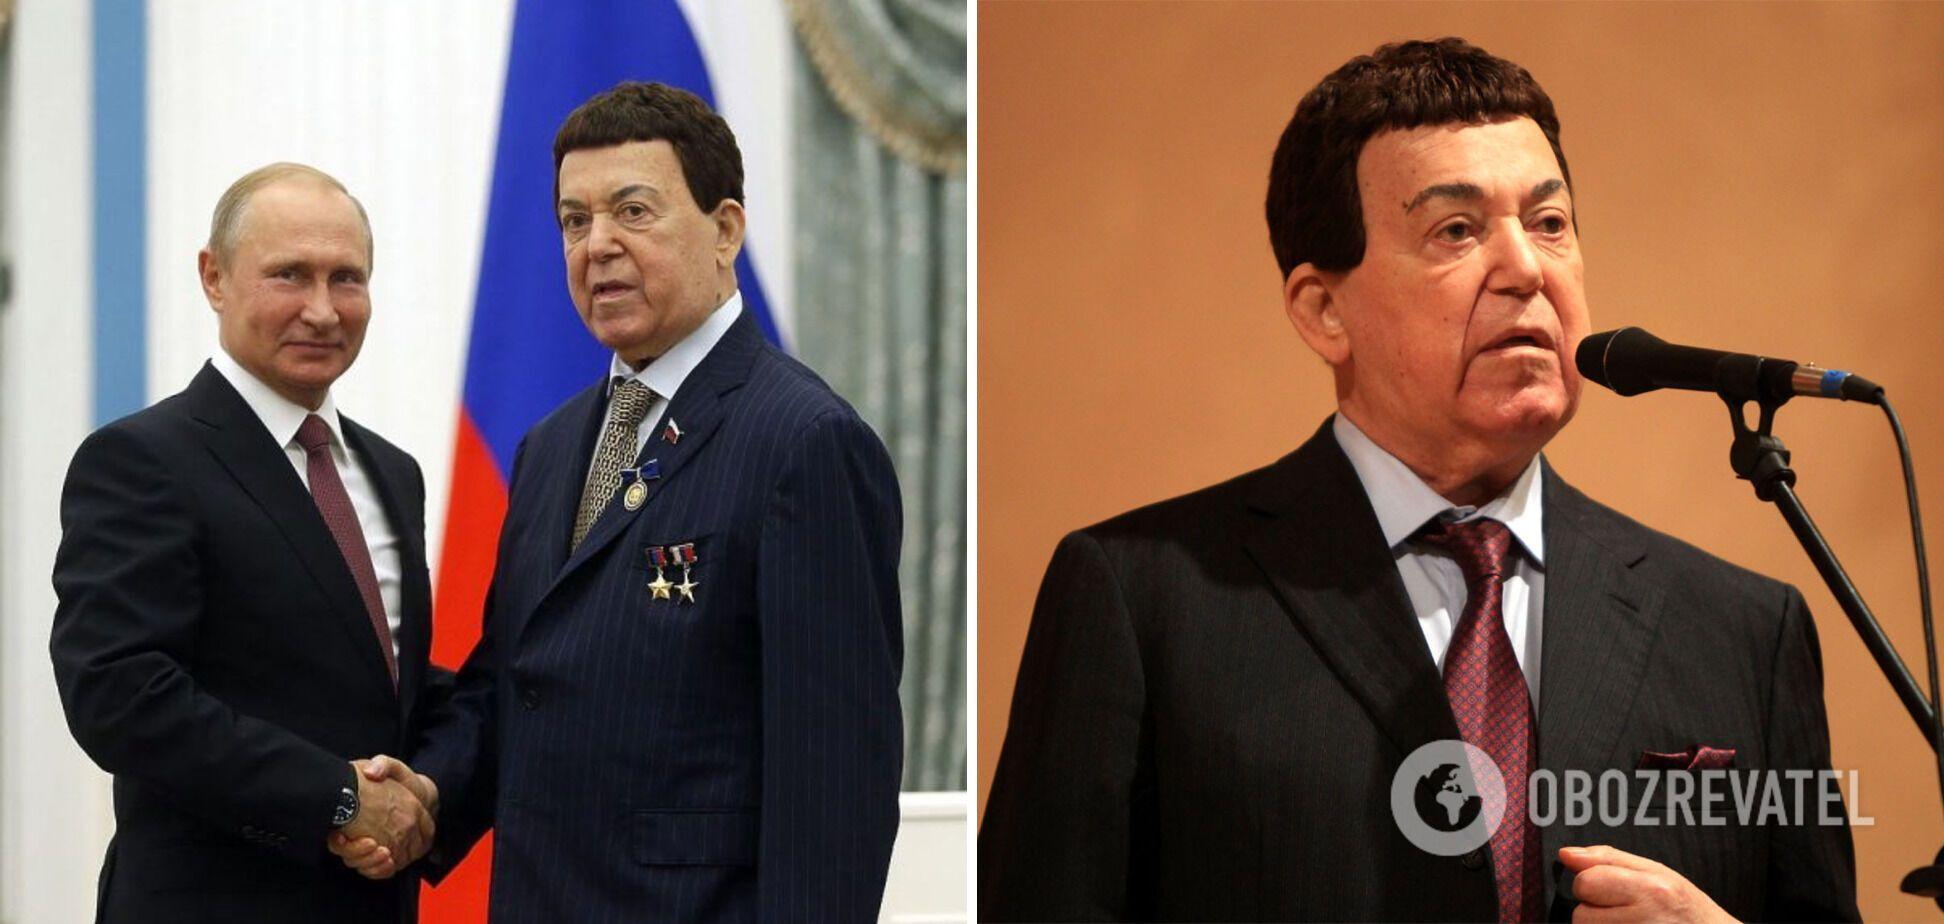 Кобзон потрапив під санкції через підтримку проросійських бойовиків на Донбасі